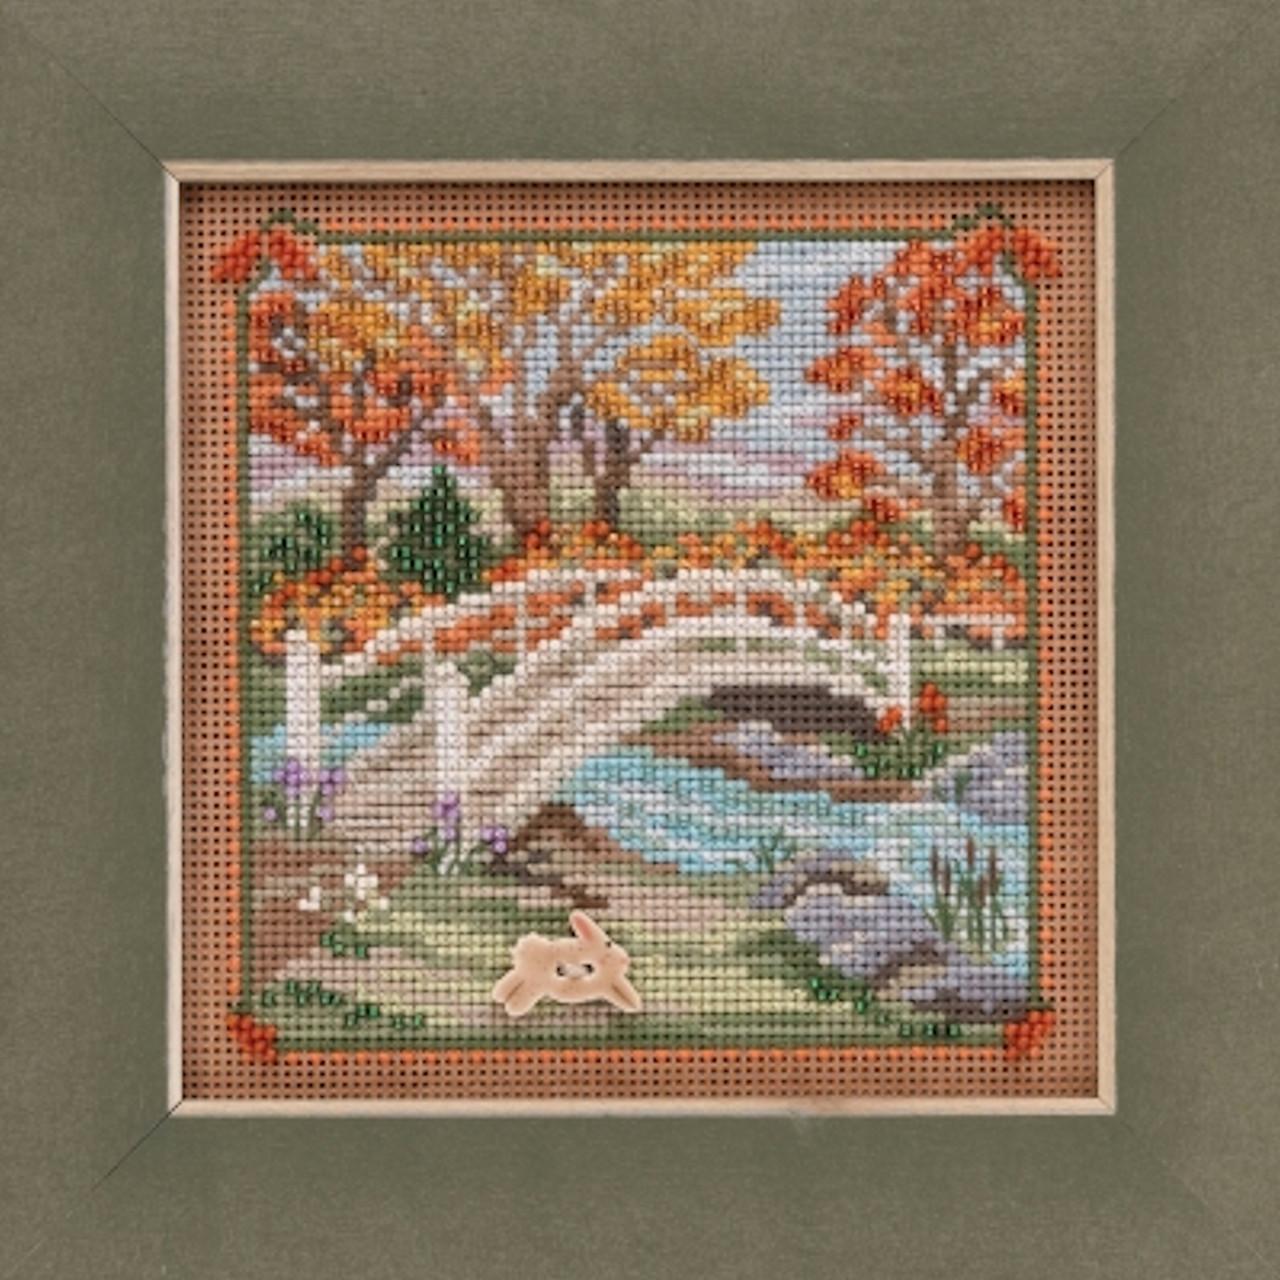 2019 Mill Hill Buttons & Beads Autumn Series - Foot Bridge